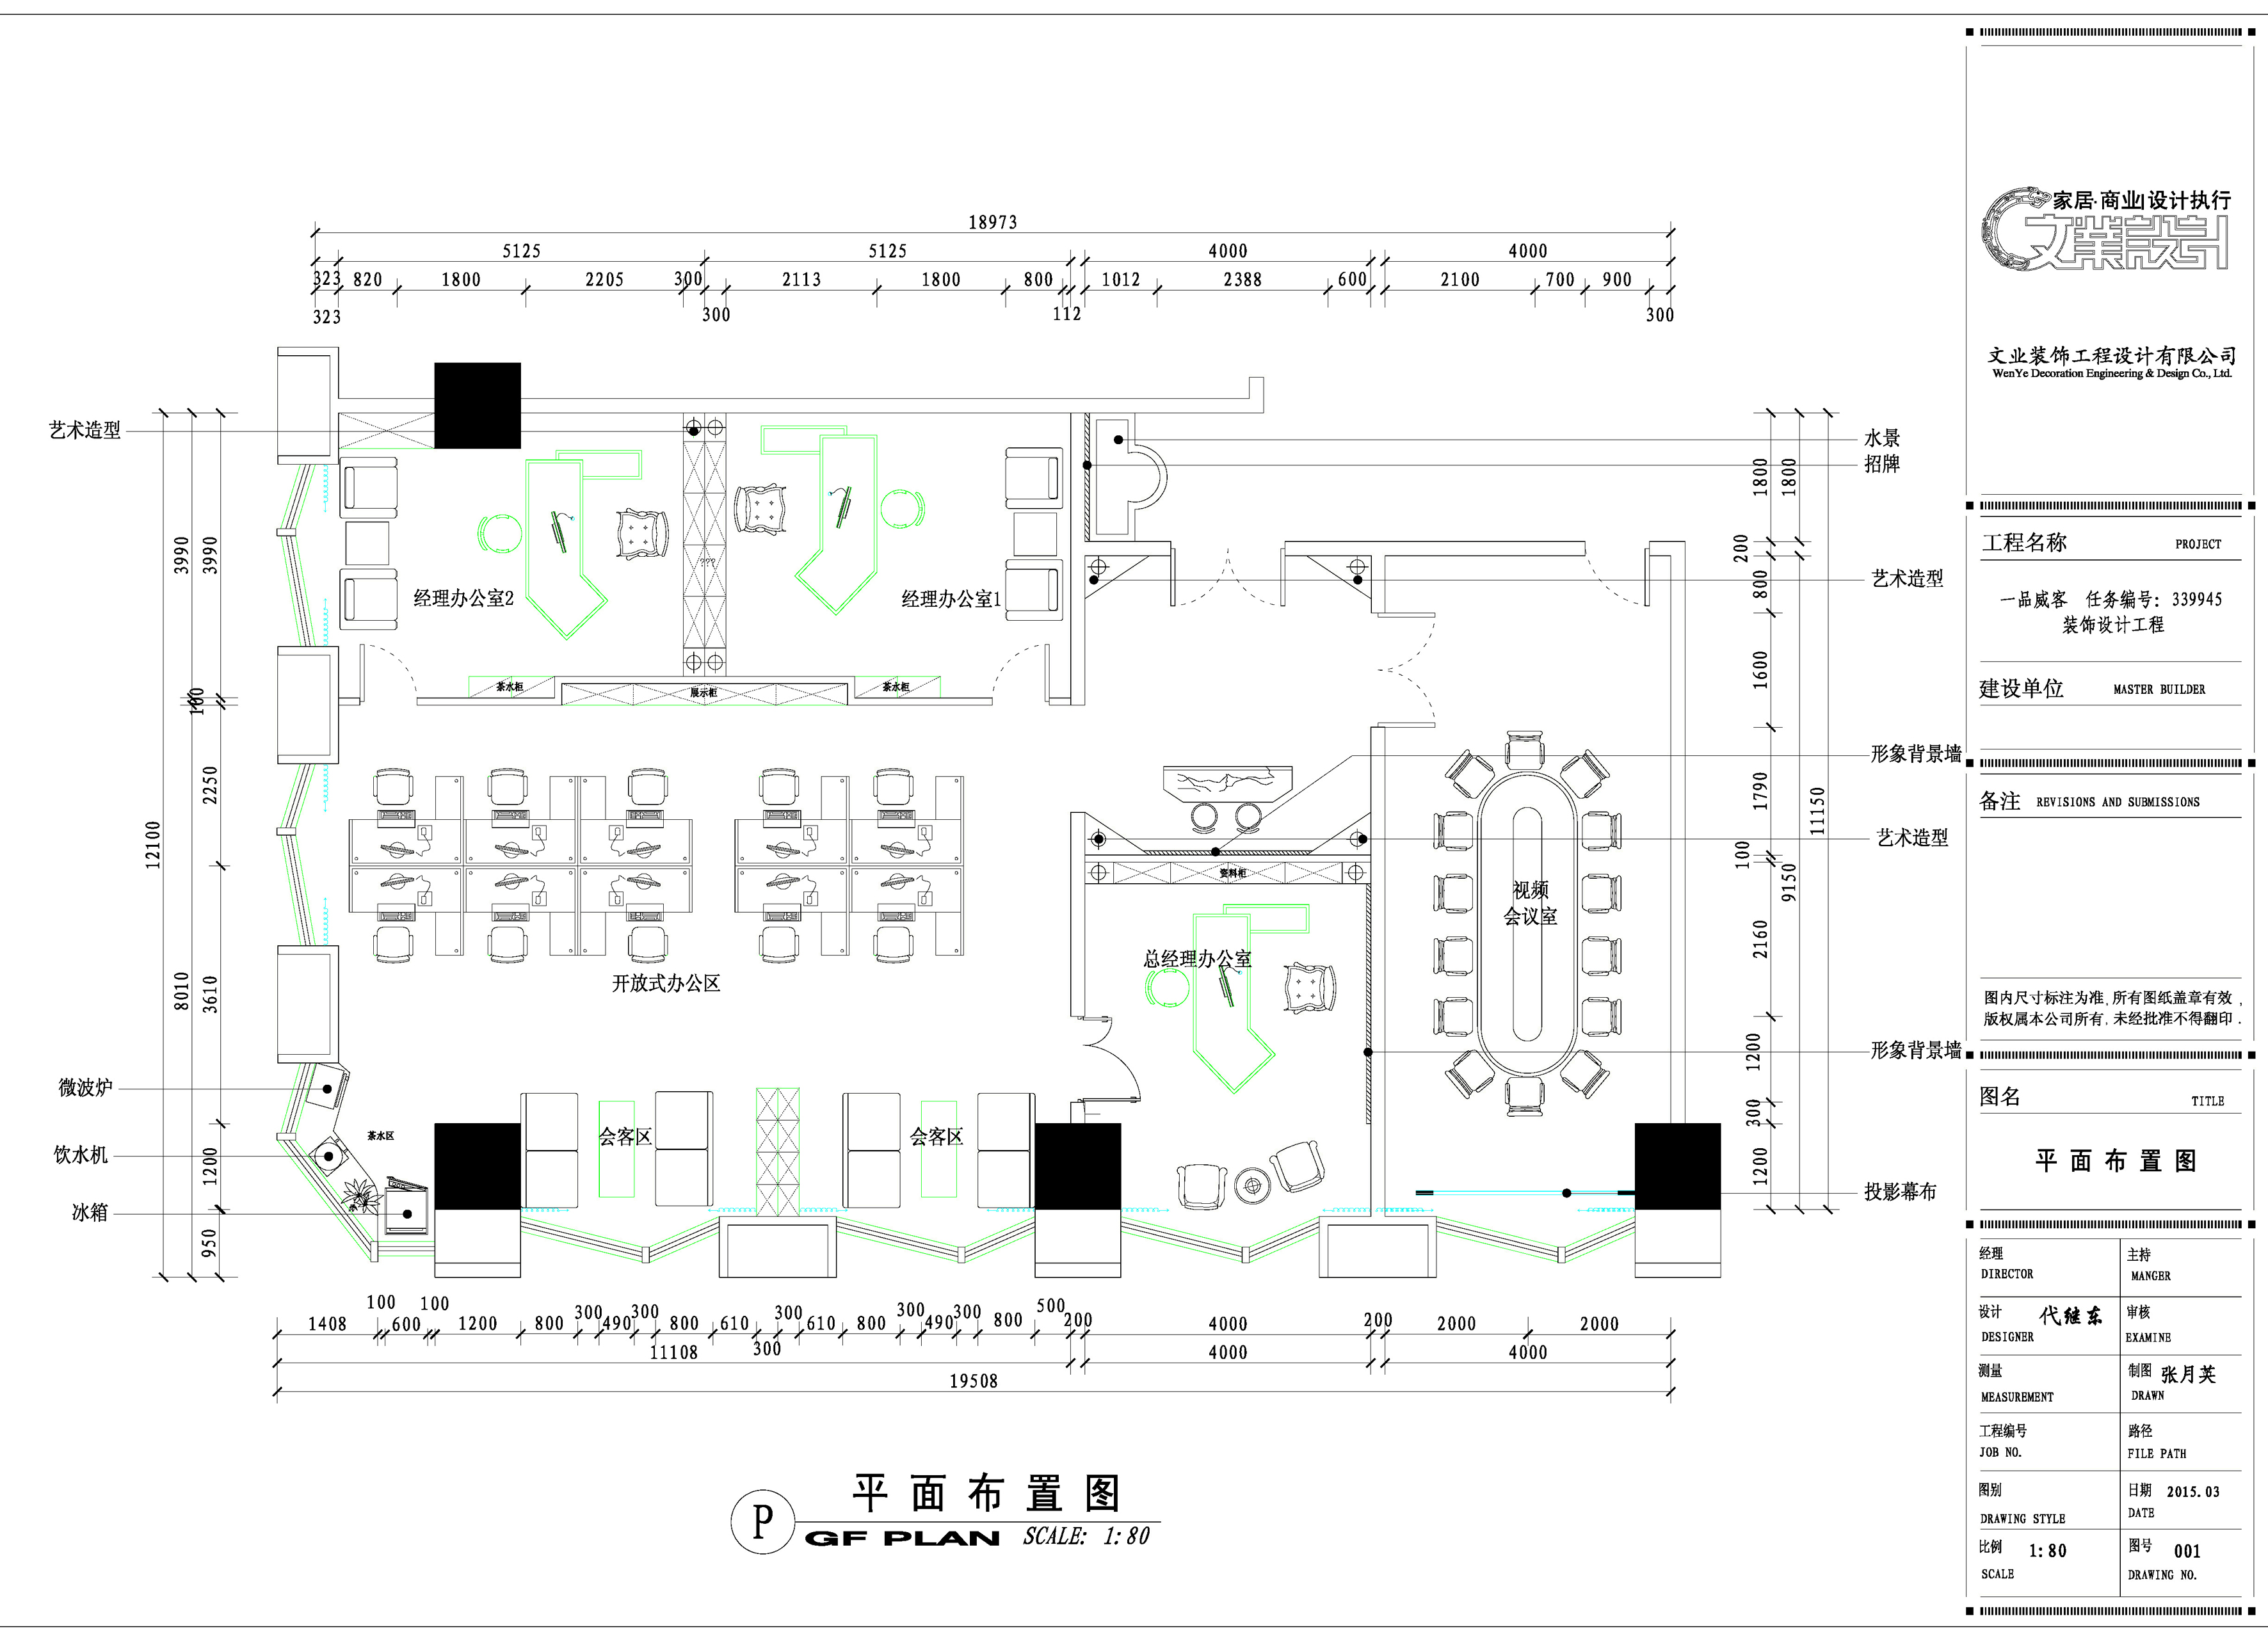 急!设计200平方办公室平面布局方案只要平面图